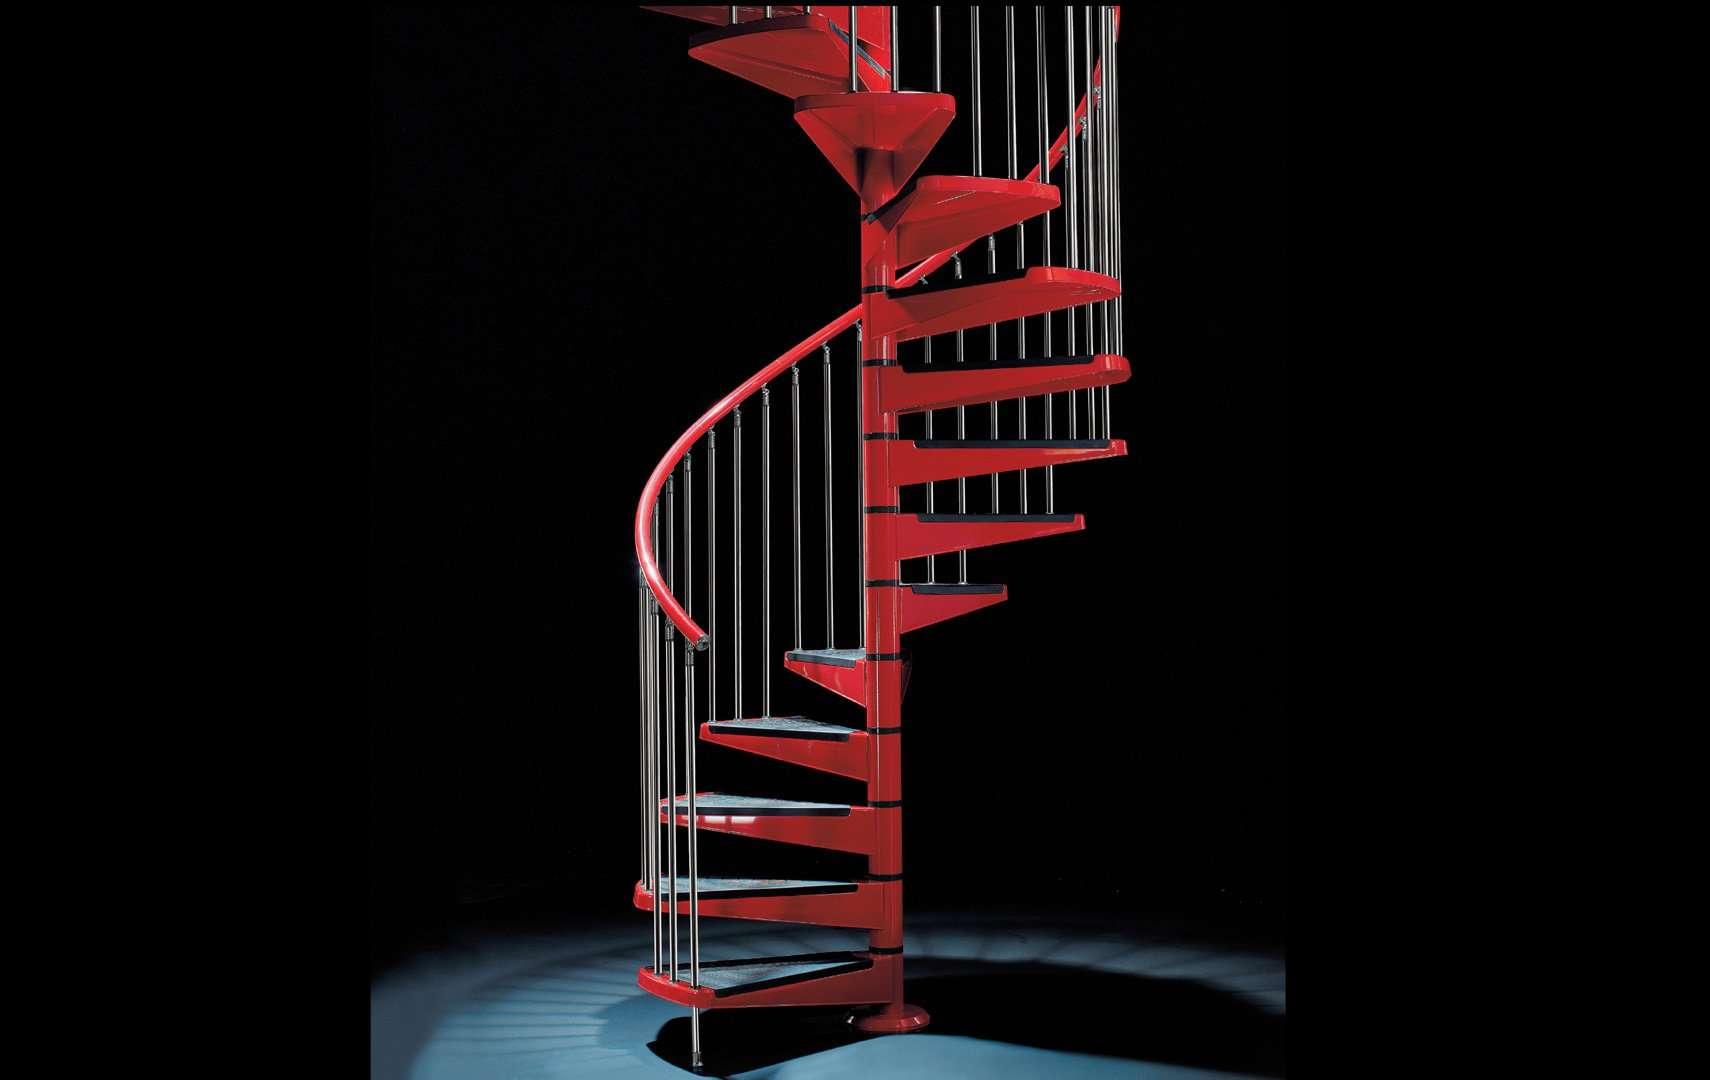 Metallika rl scale interne a chiocciola ed elicoidali e scale in legno nella spettacolare - Scale a chiocciola bari ...